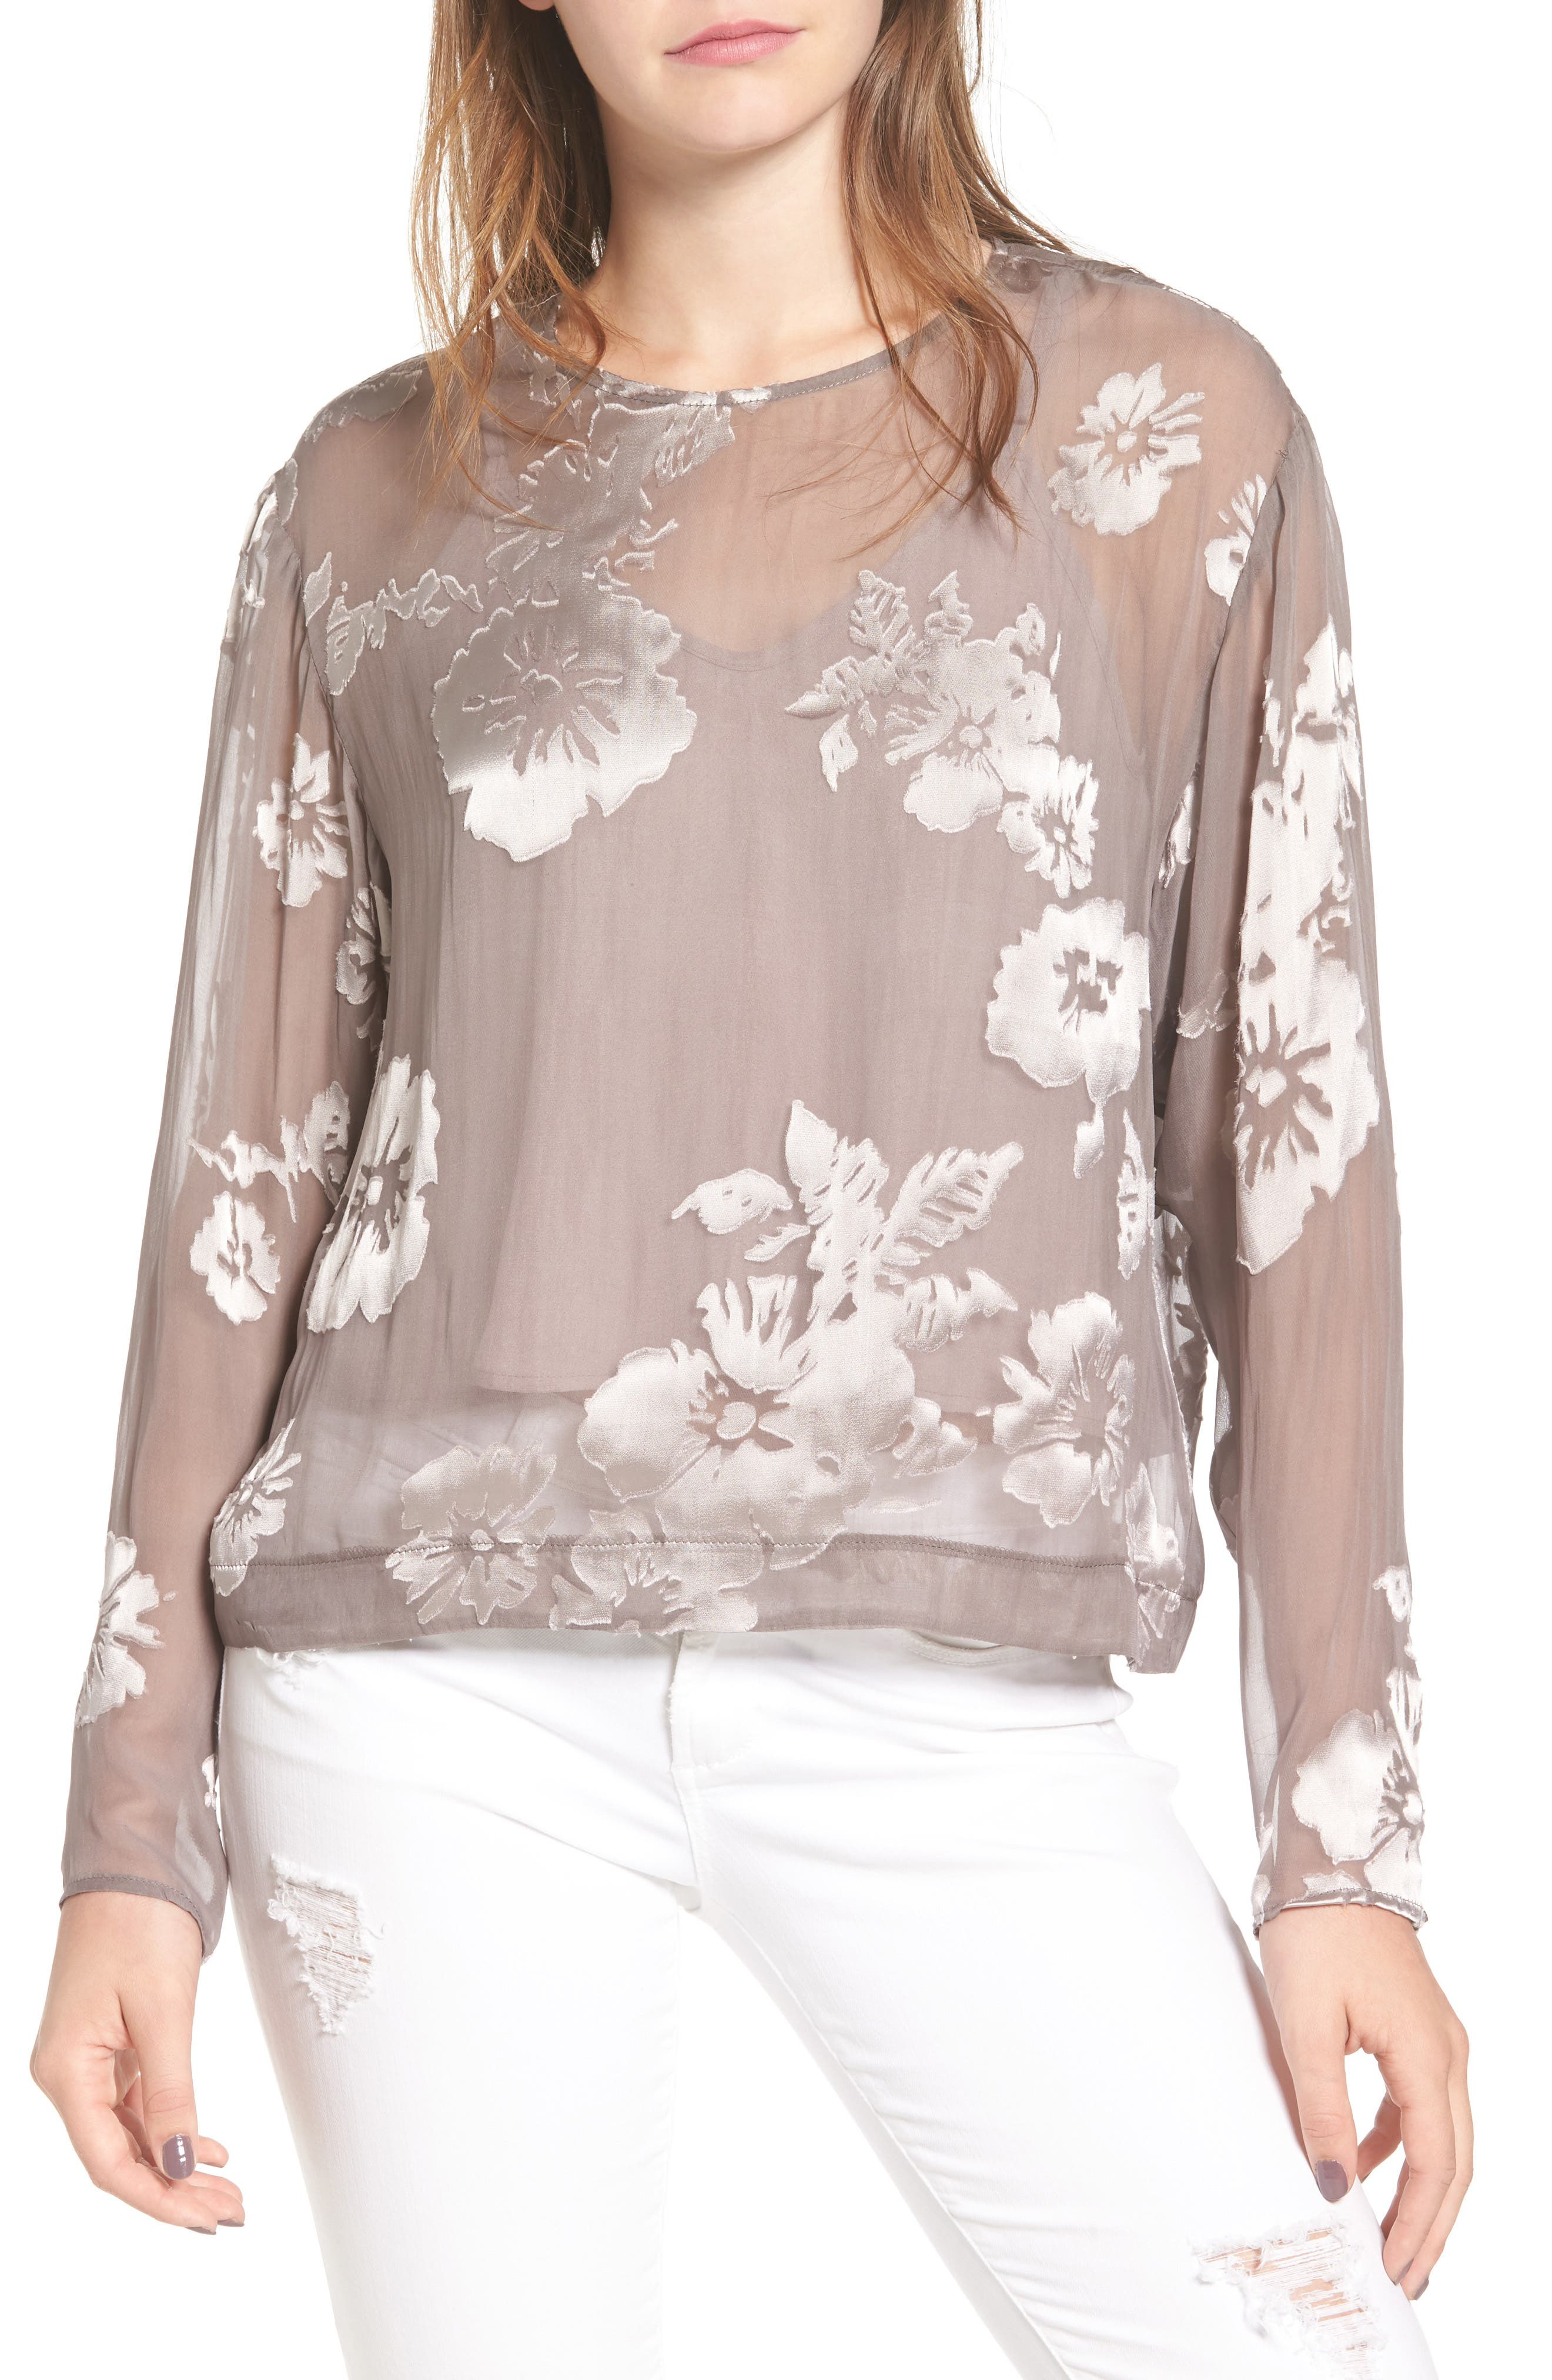 Main Image - ASTR the Label Tara Floral Print Top